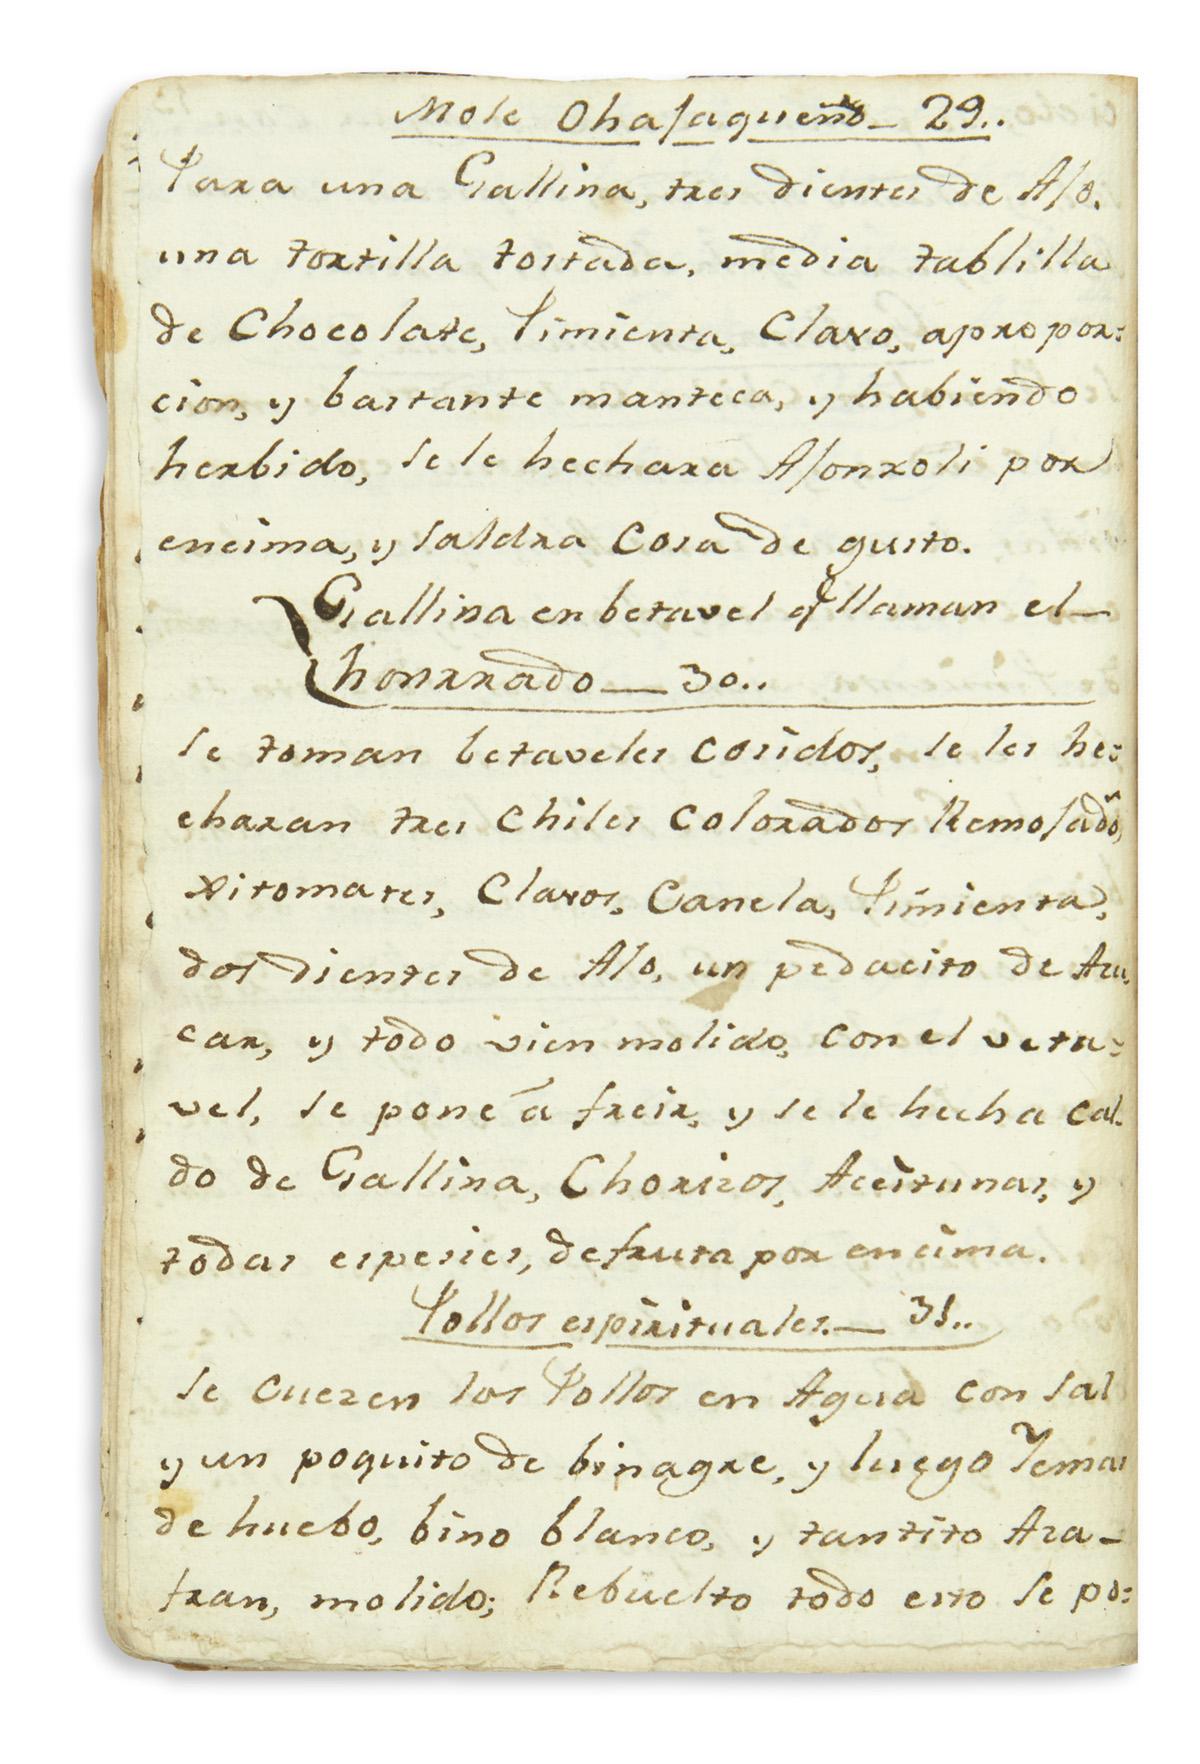 (MEXICAN COOKERY.) Cruces, Ana Maria. Libro de cosina, en q´se contienen varias cosas de guisados desentes y sabrosos